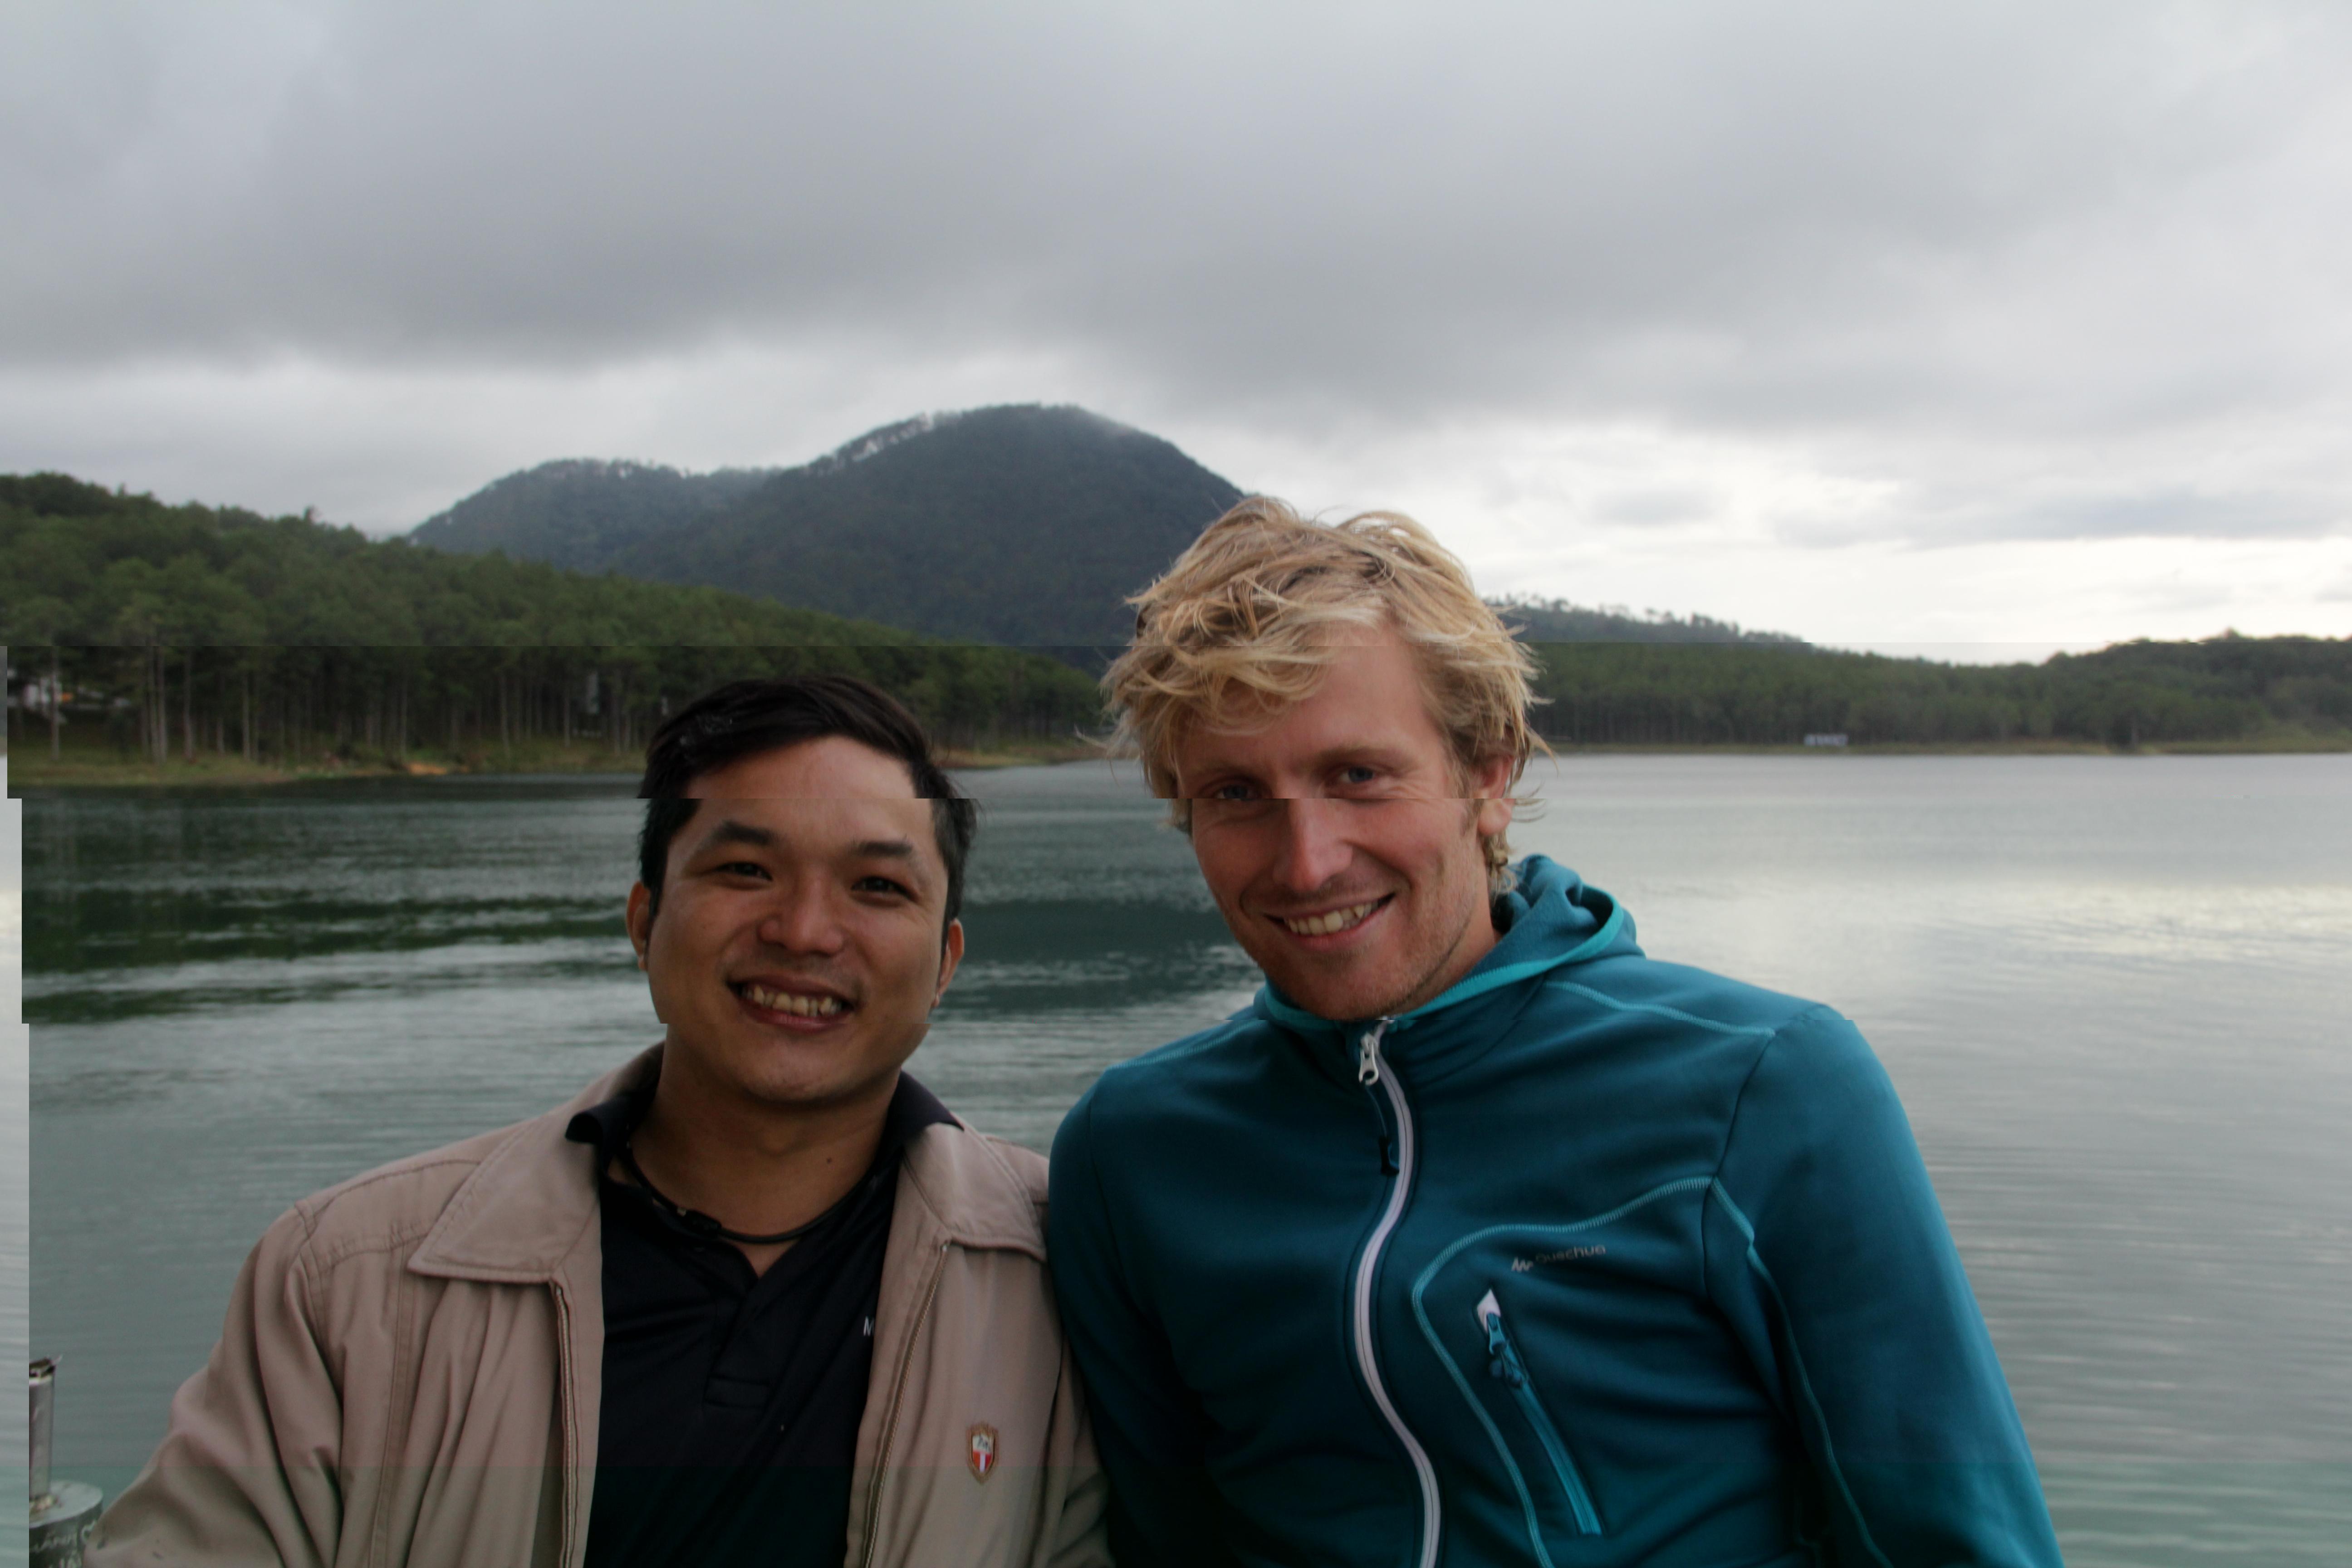 Jason, notre hôte et Jérôme devant le lac de Hồ Tuyền Lâm (© Aurélie Bacheley).